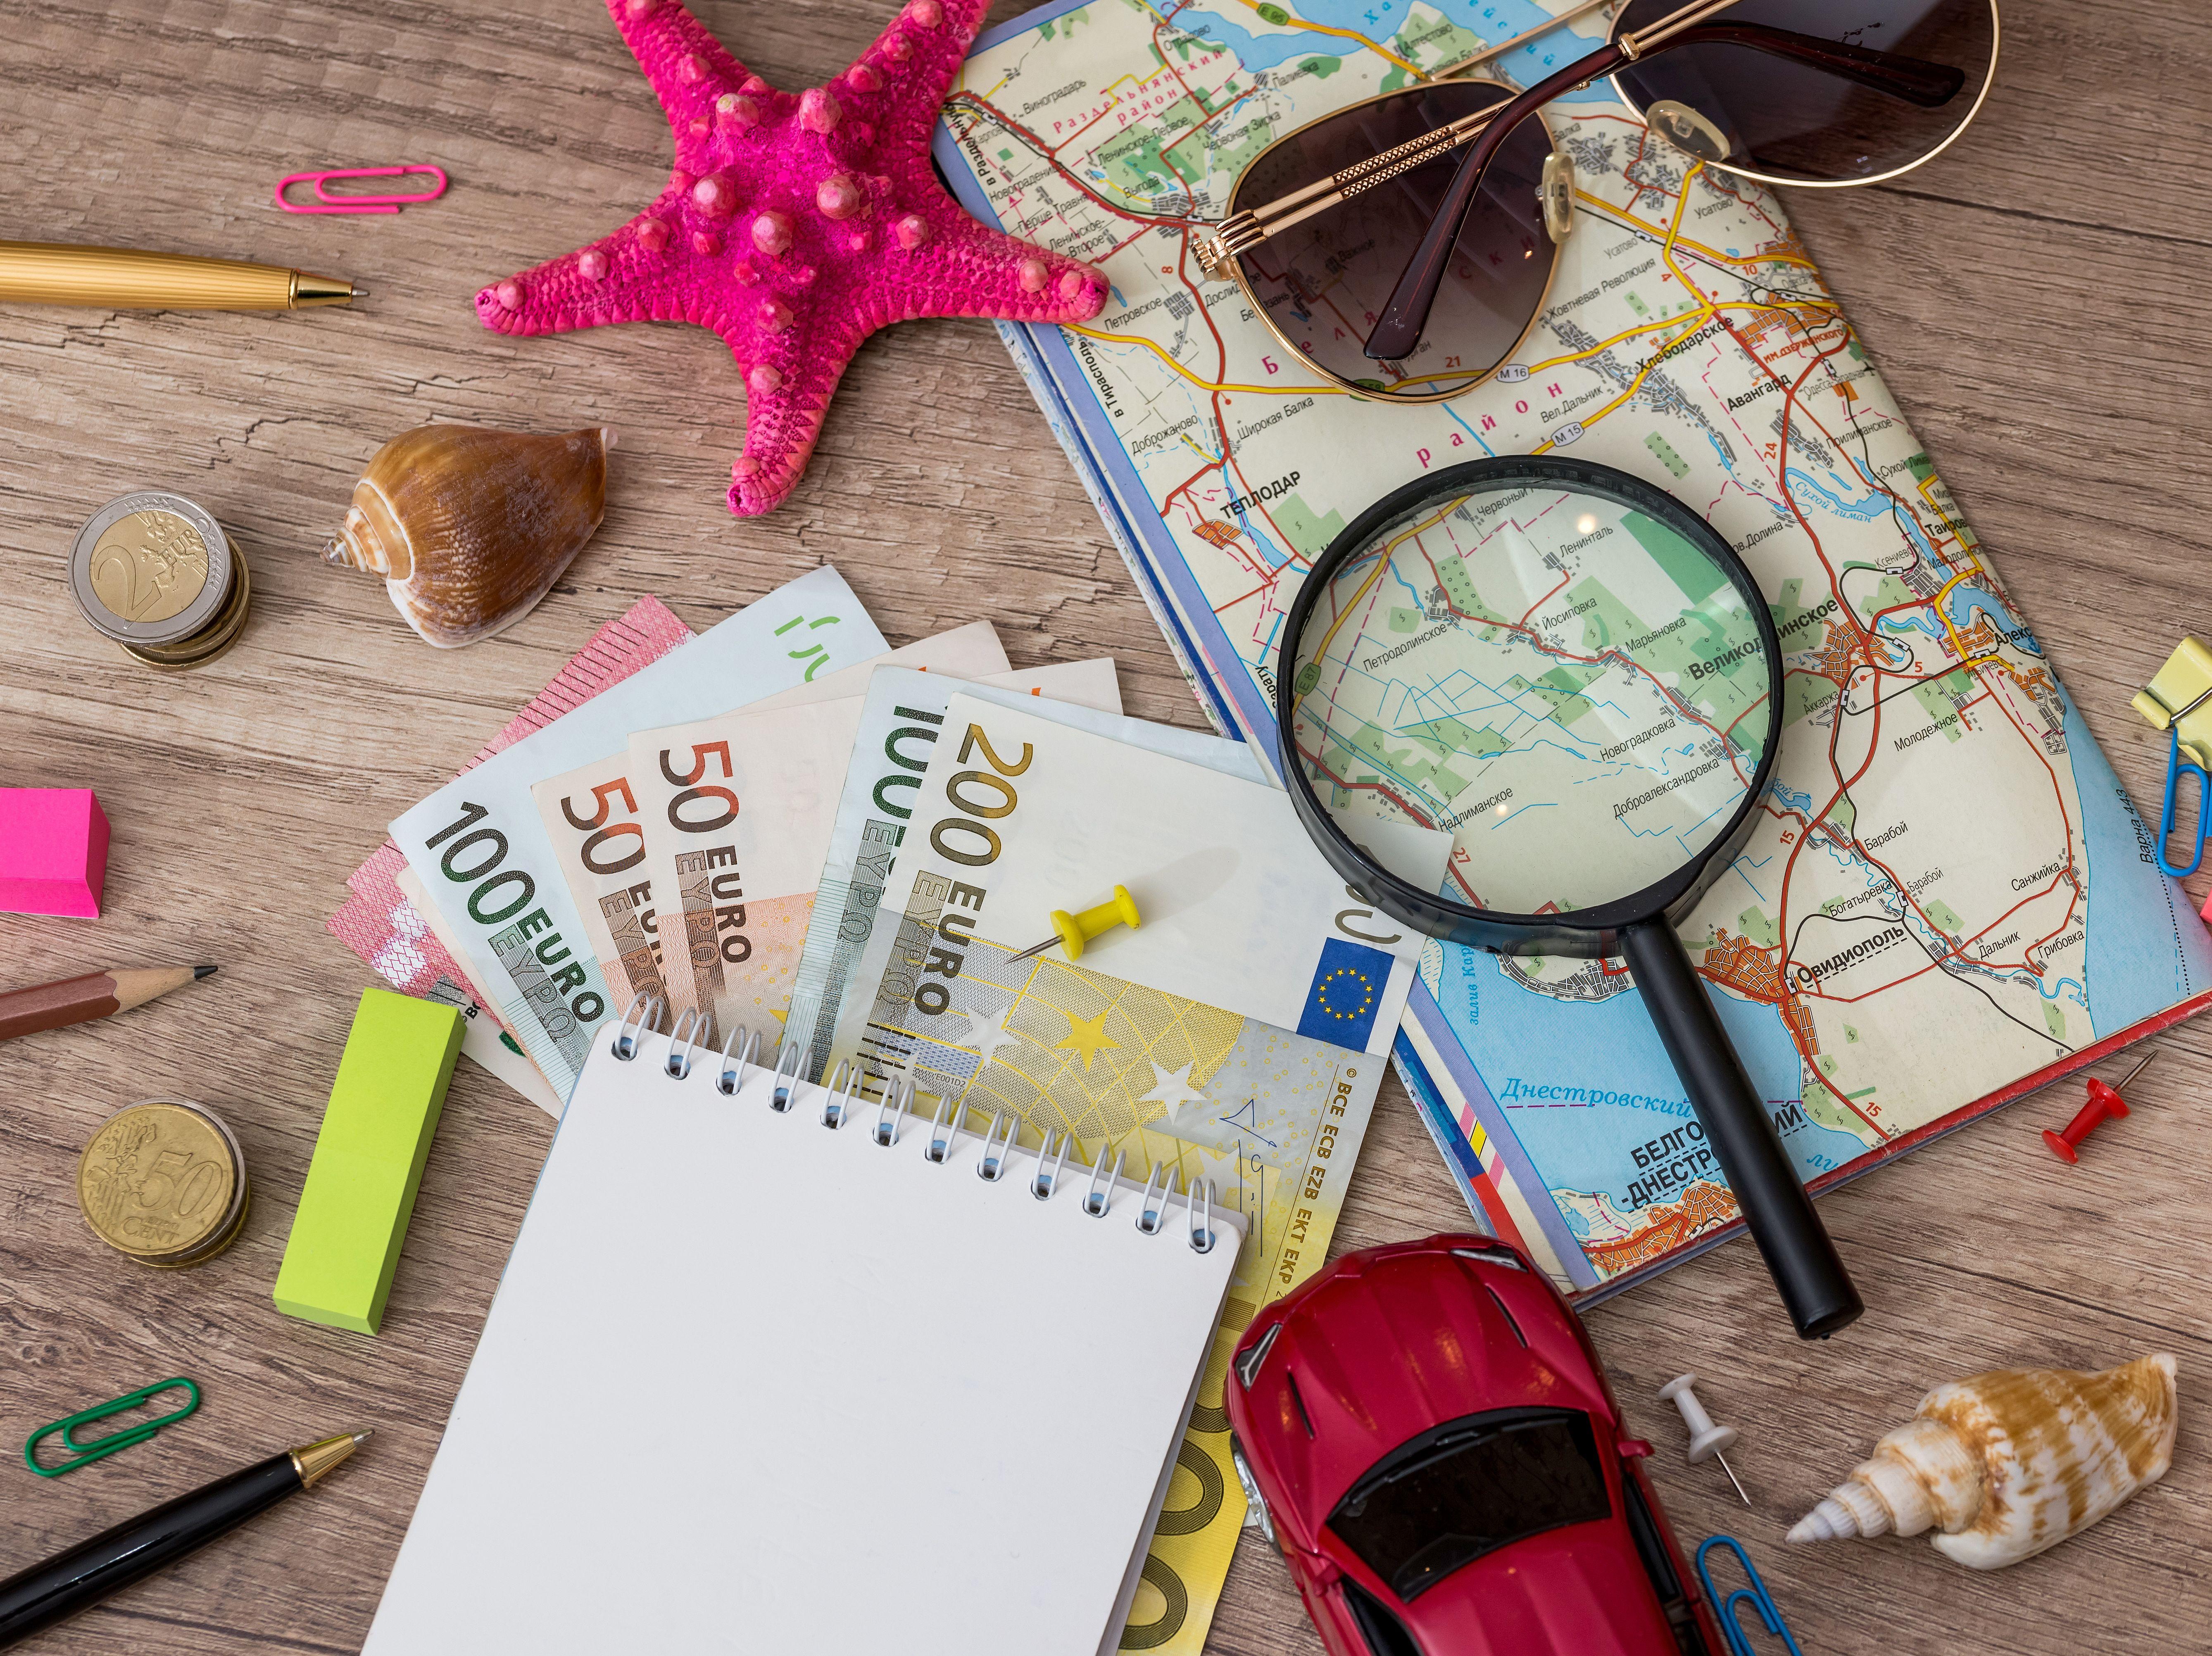 Banking auf Reisen vorher durchdenken